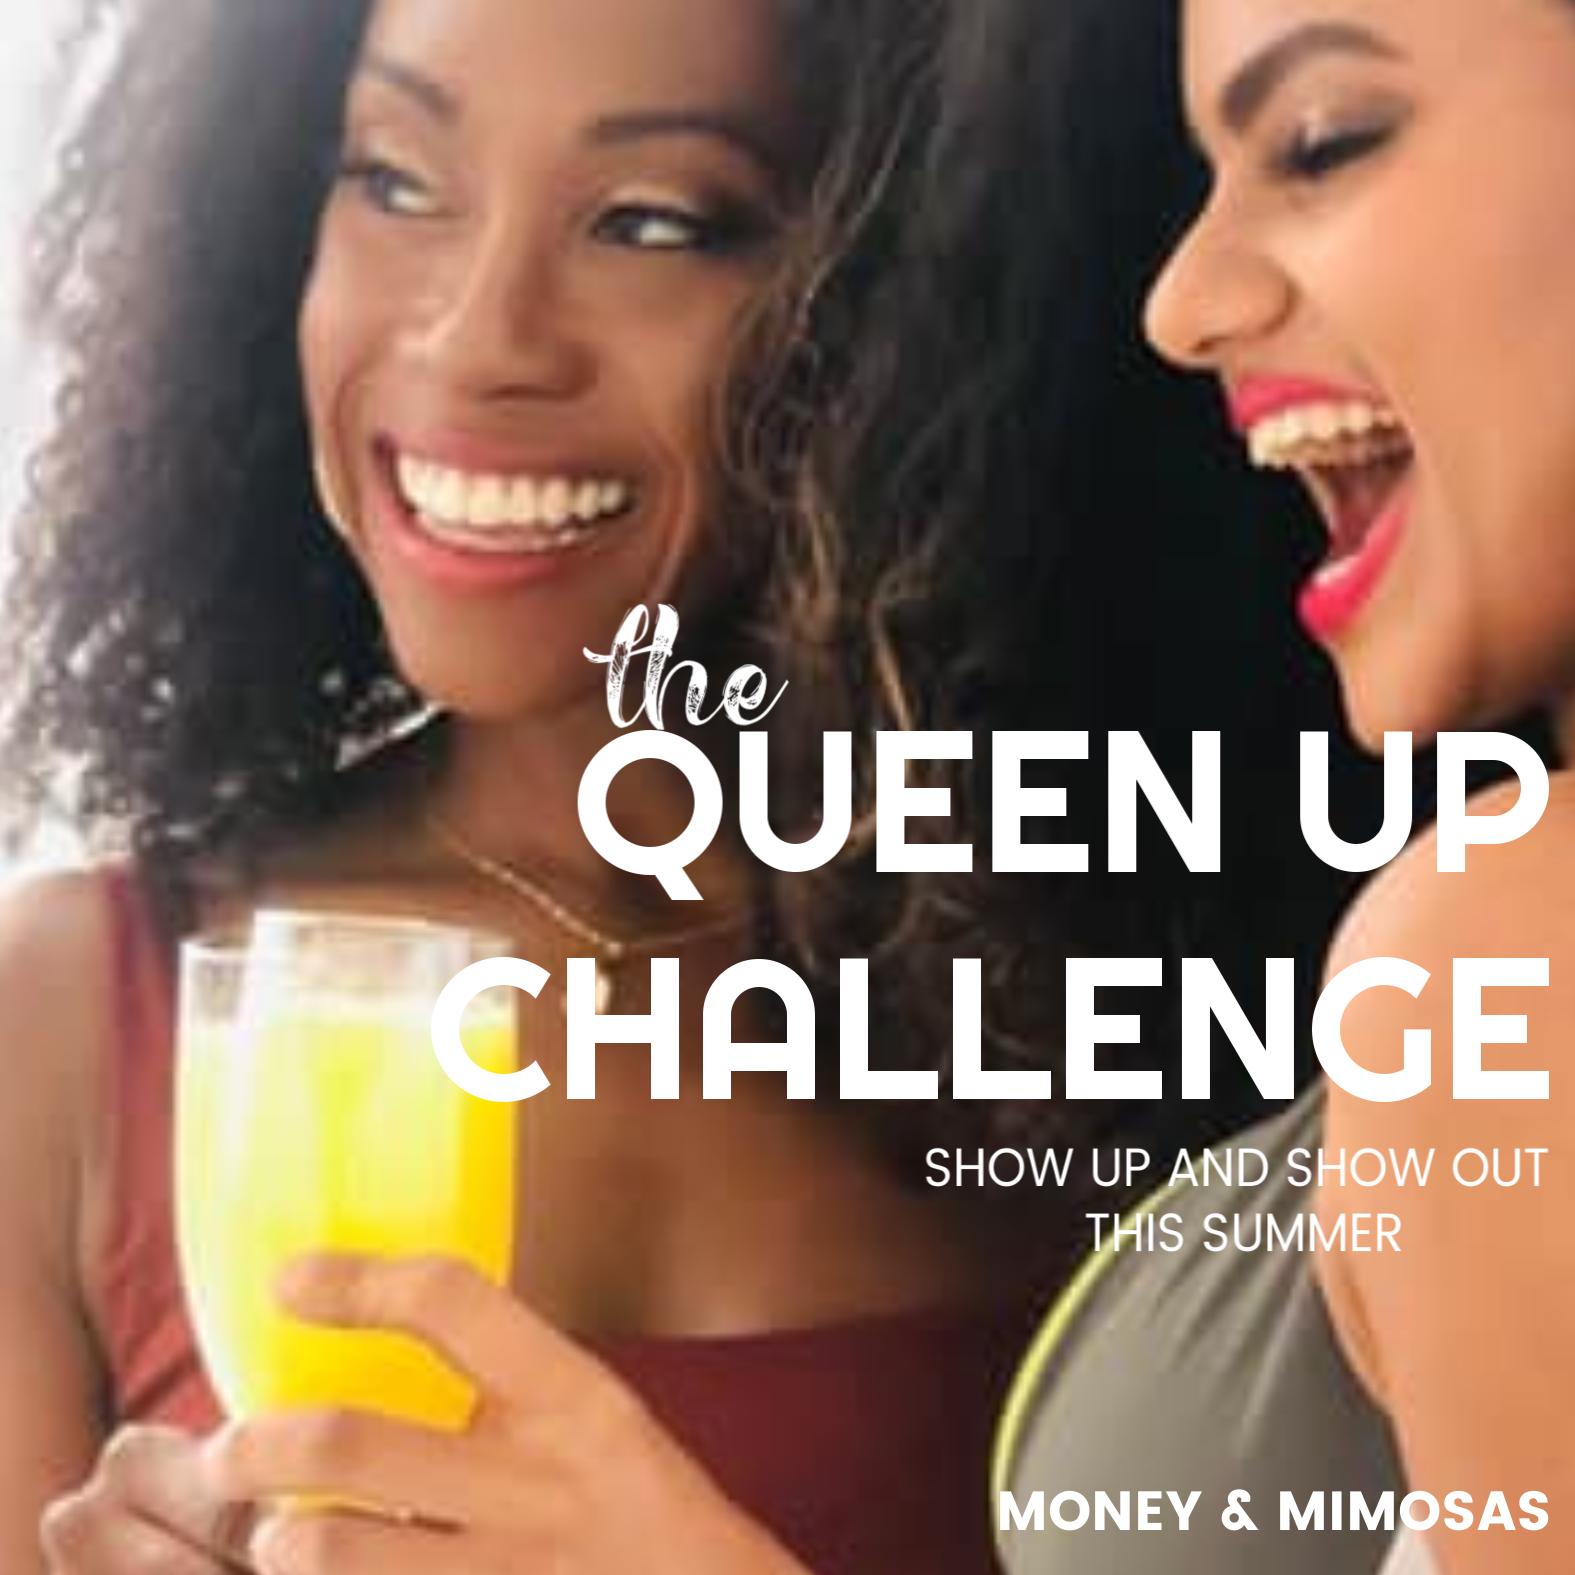 QueenUP challenge.png